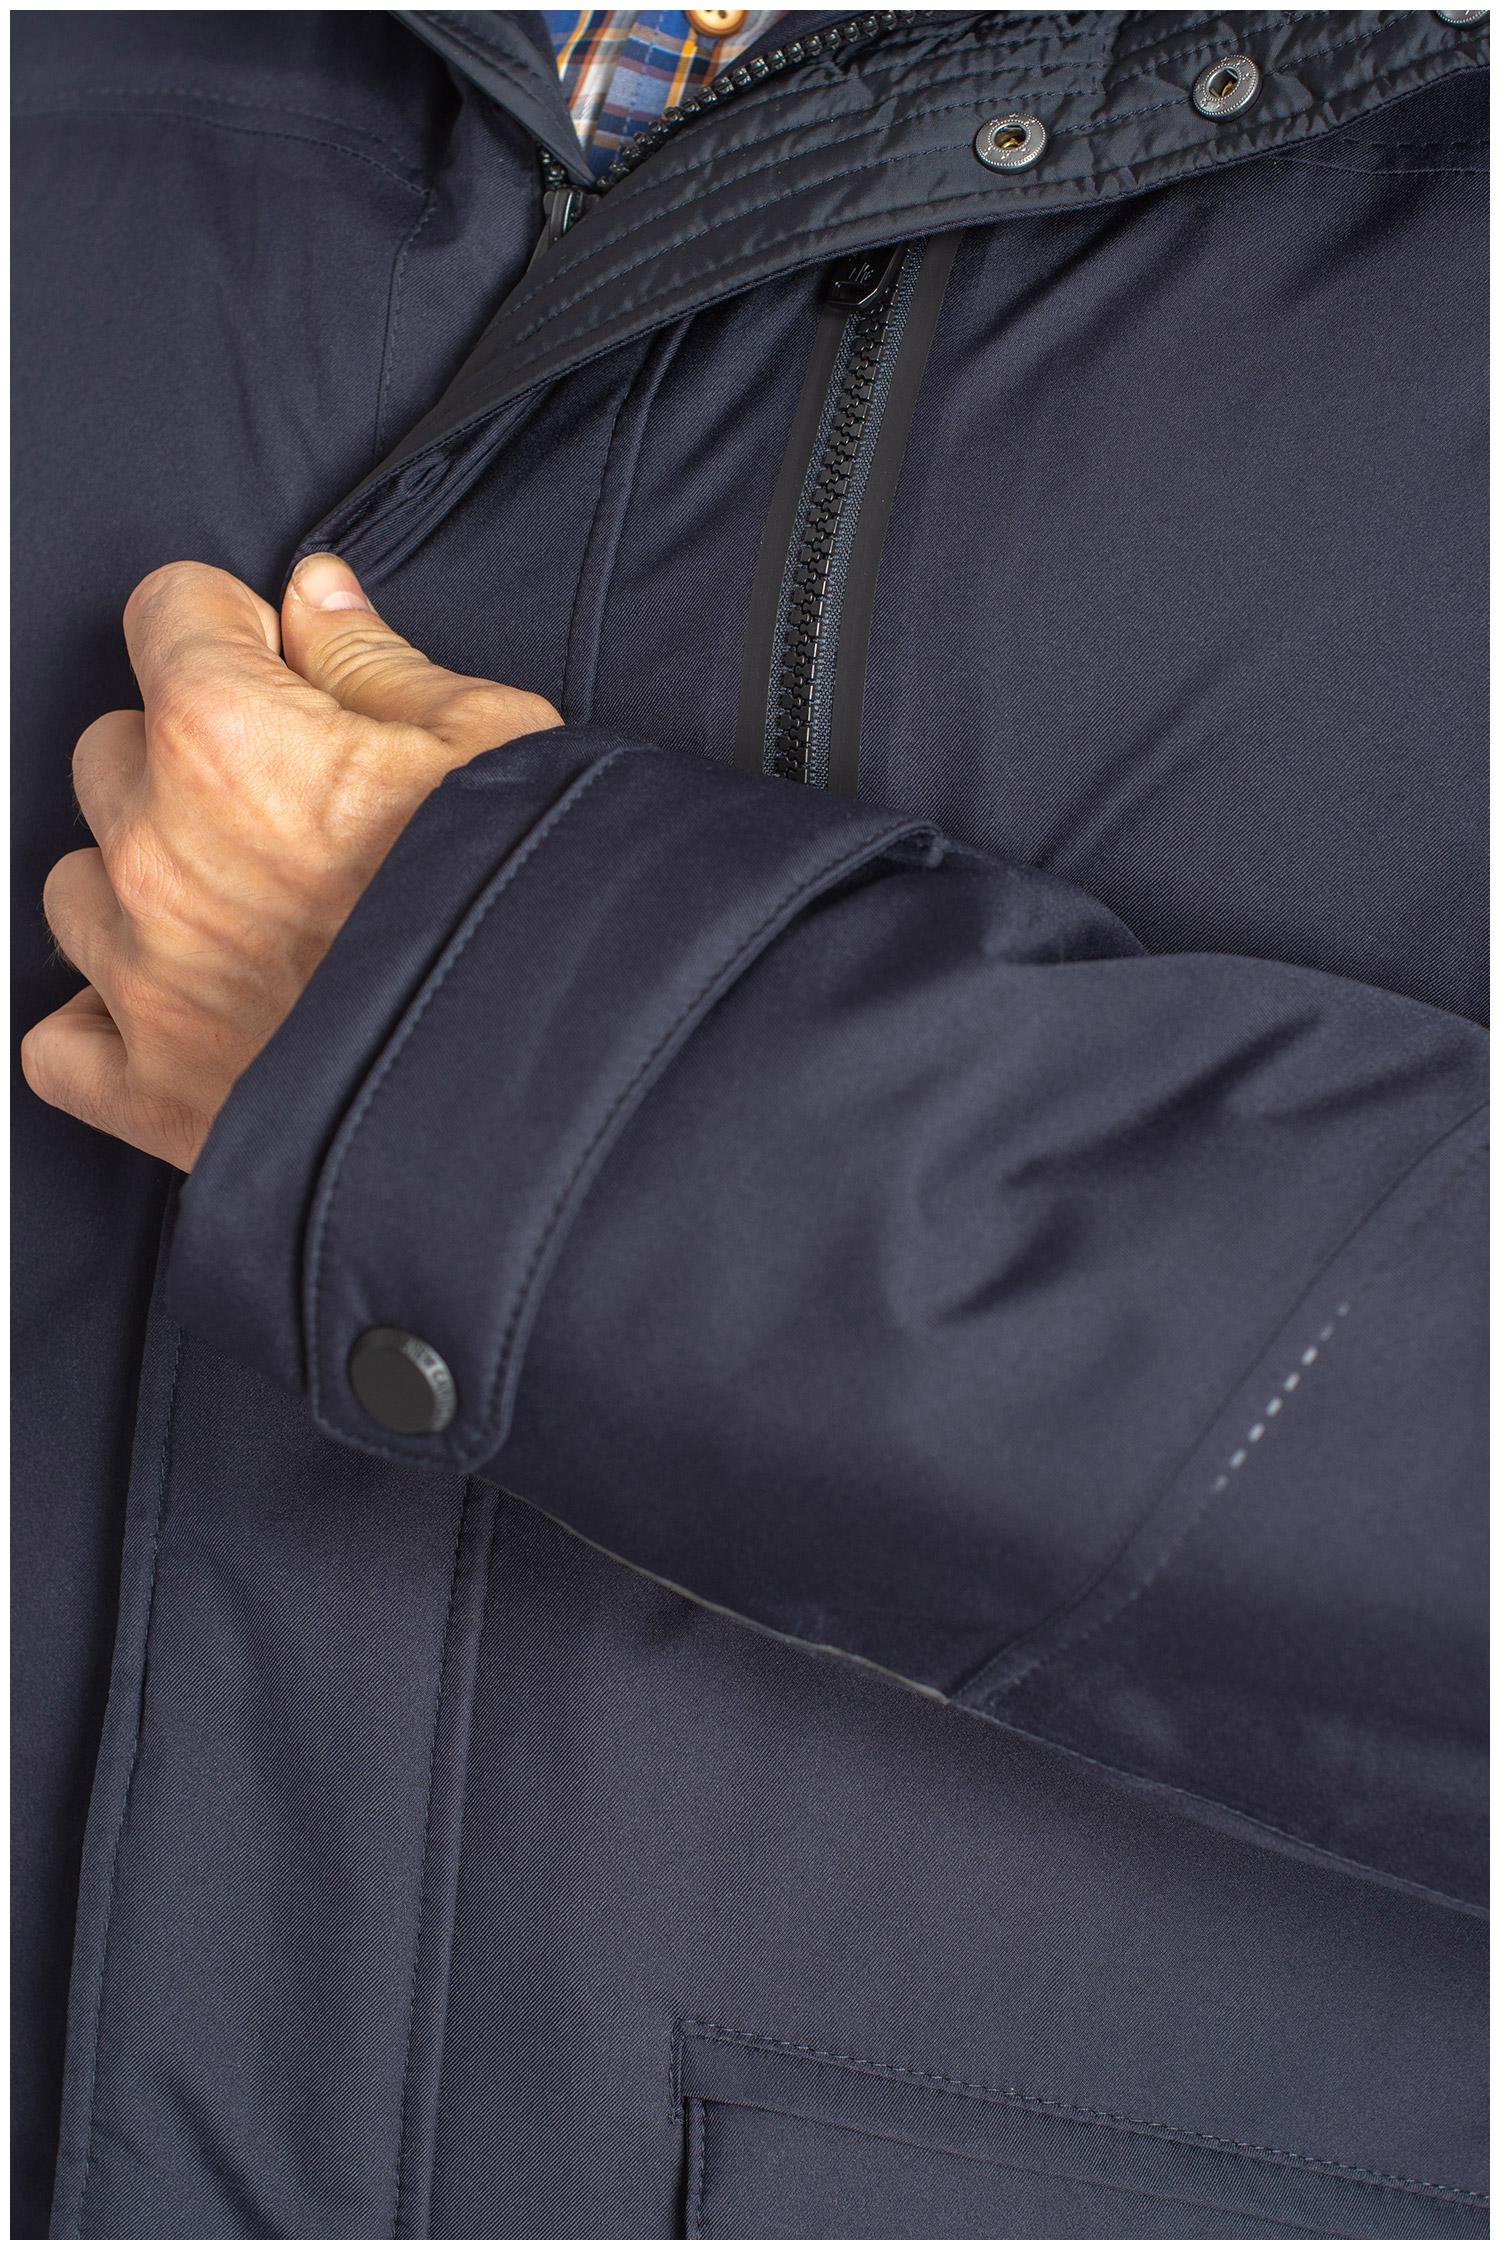 Abrigo, Chaquetones y Piel, 109489, MARINO   Zoom